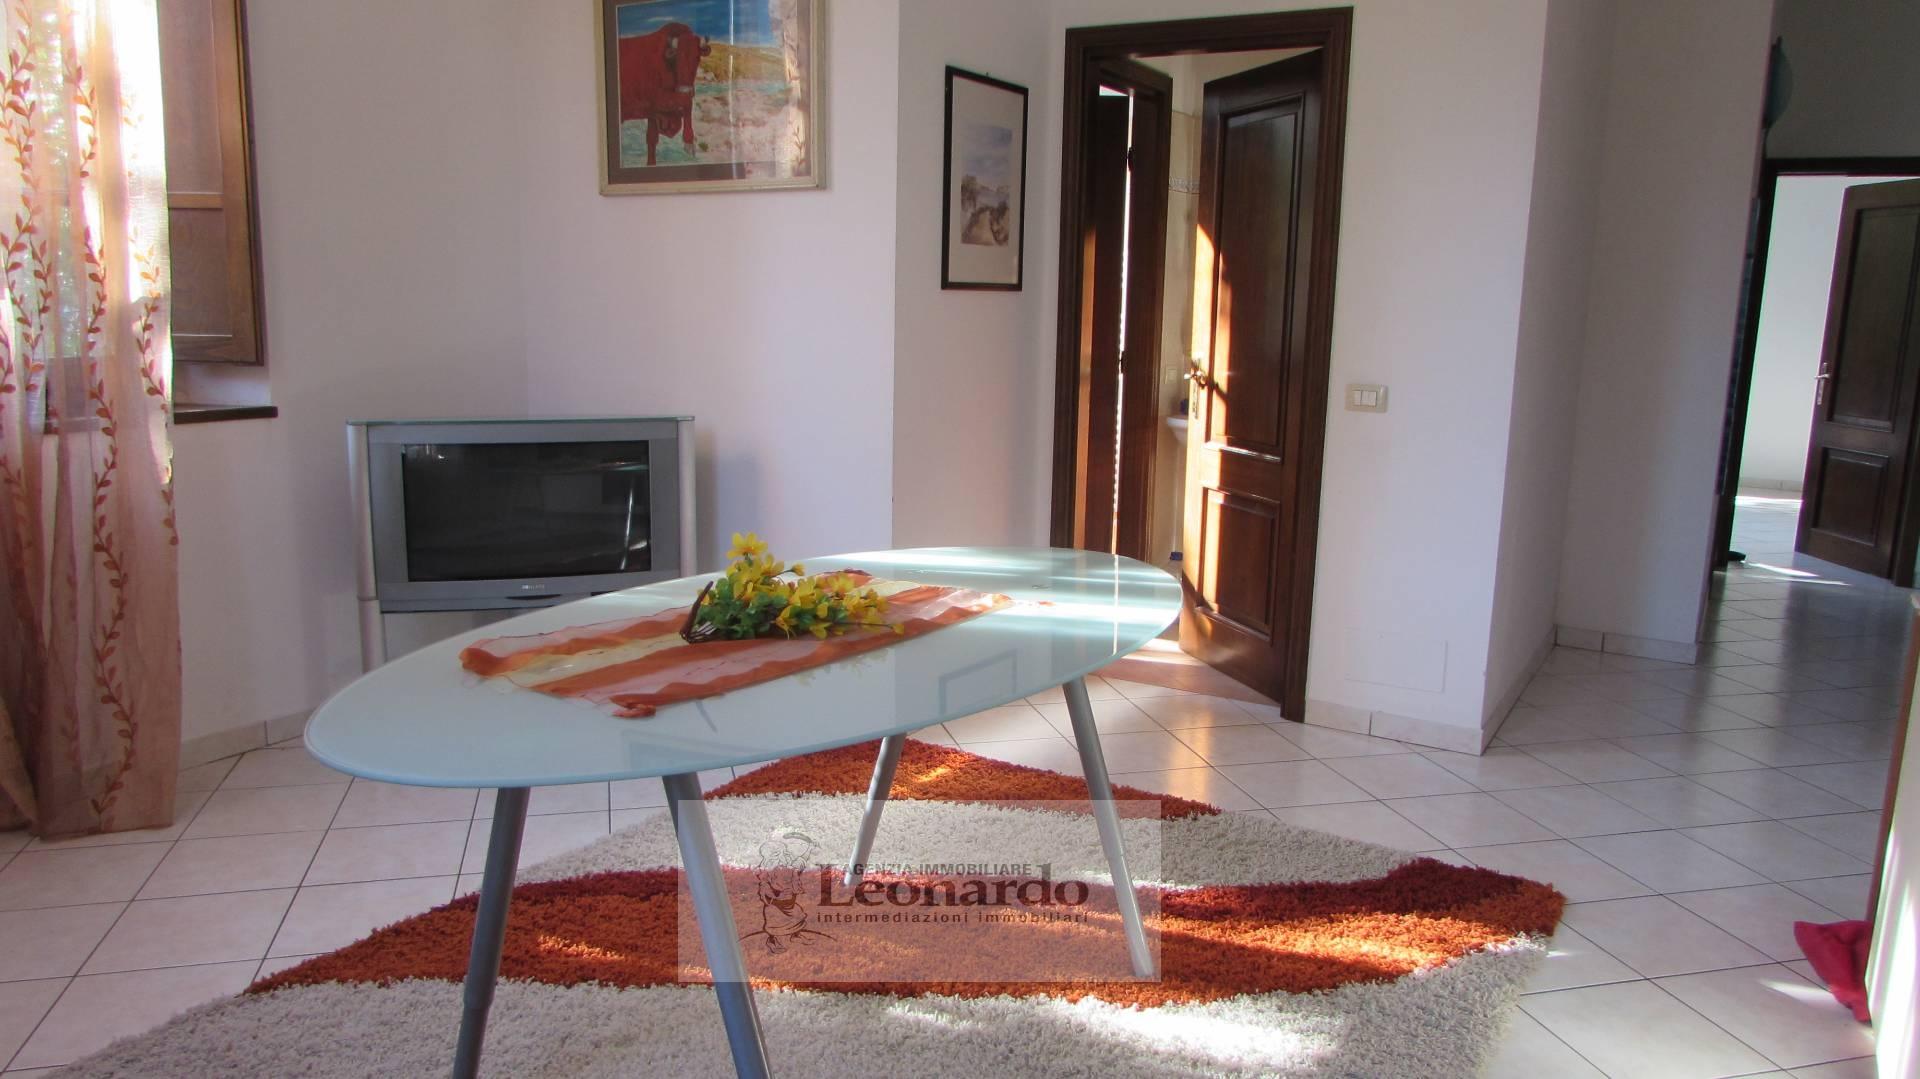 Appartamento in vendita a Massarosa, 5 locali, prezzo € 150.000 | Cambio Casa.it